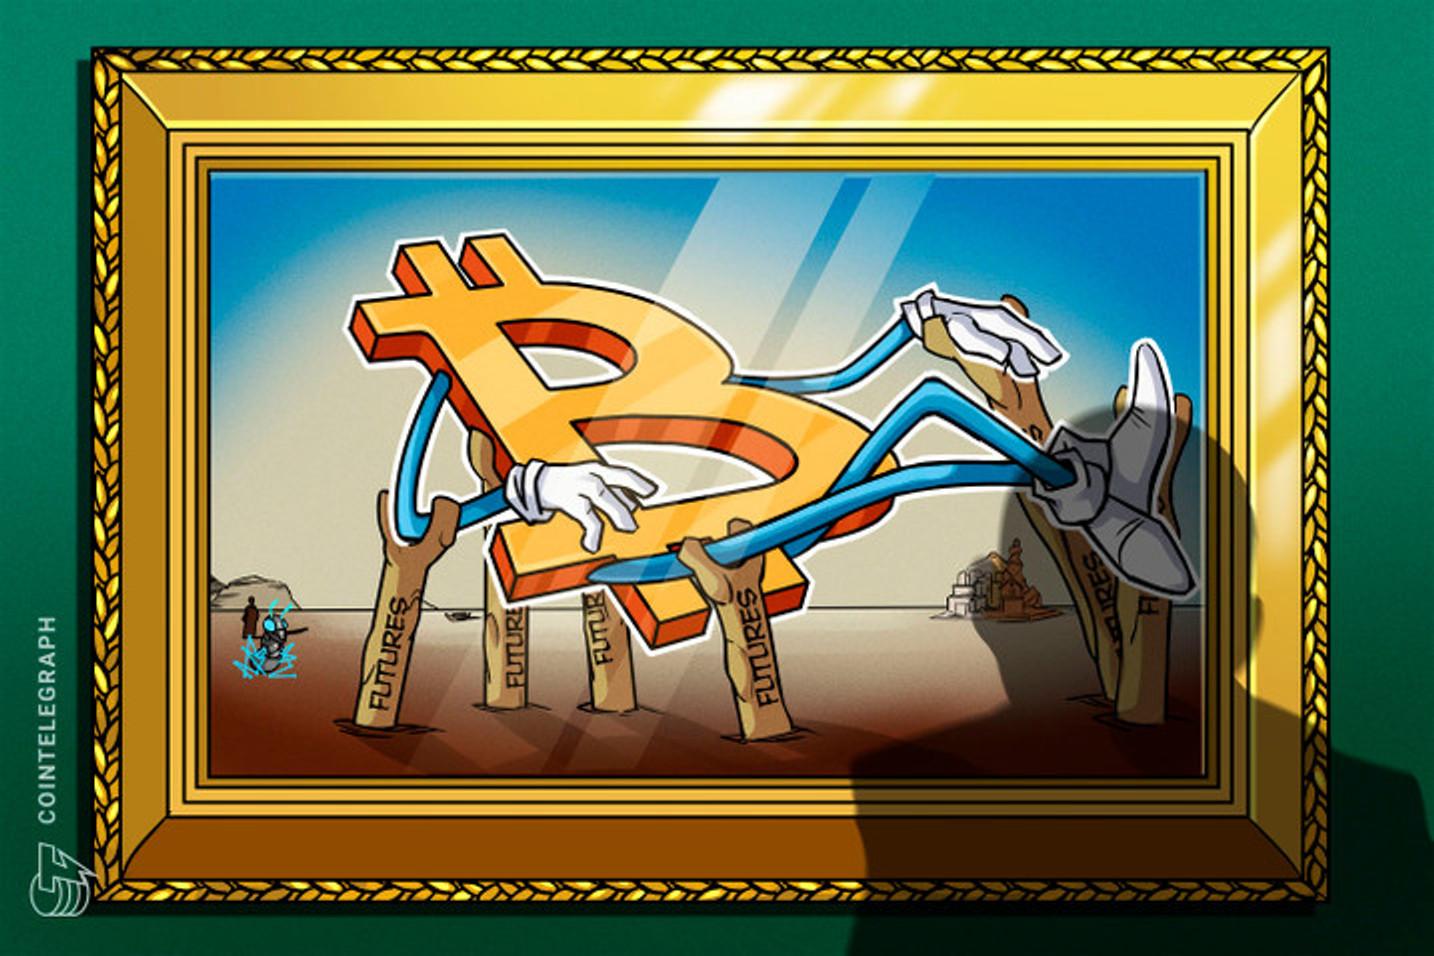 仮想通貨ビットコイン オプション取引の建玉 20億ドル突破なるか?